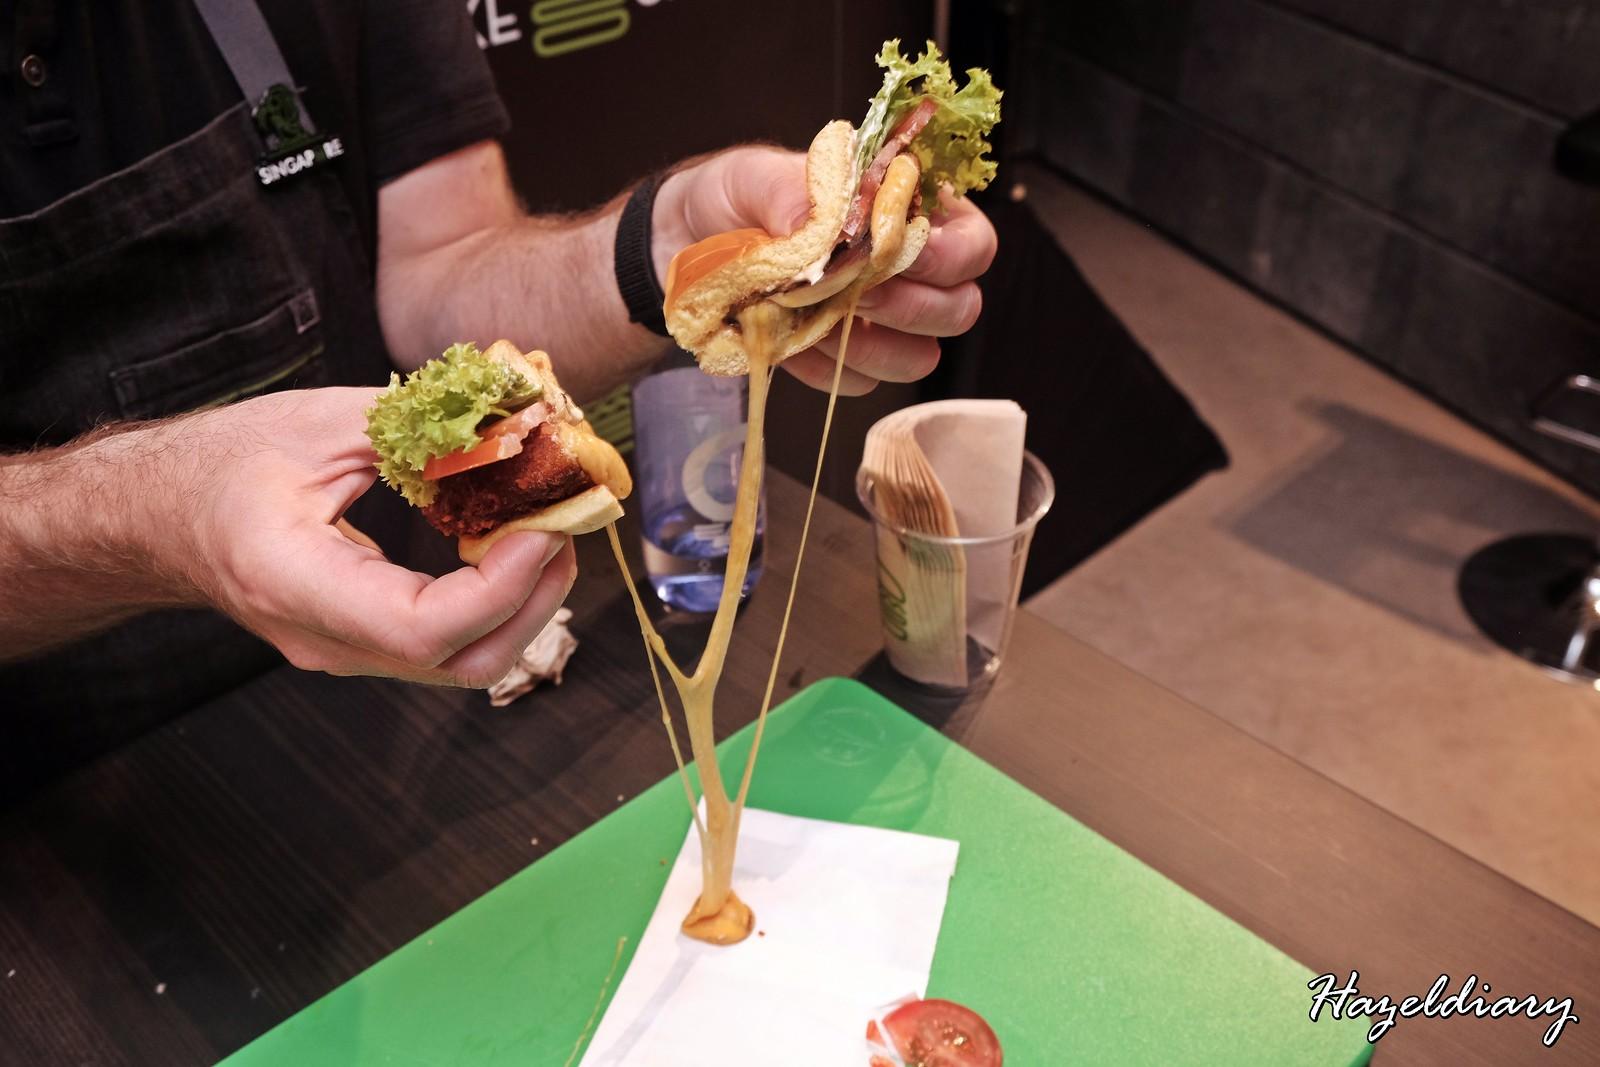 Shack Shack Singapore-Shroom Burger